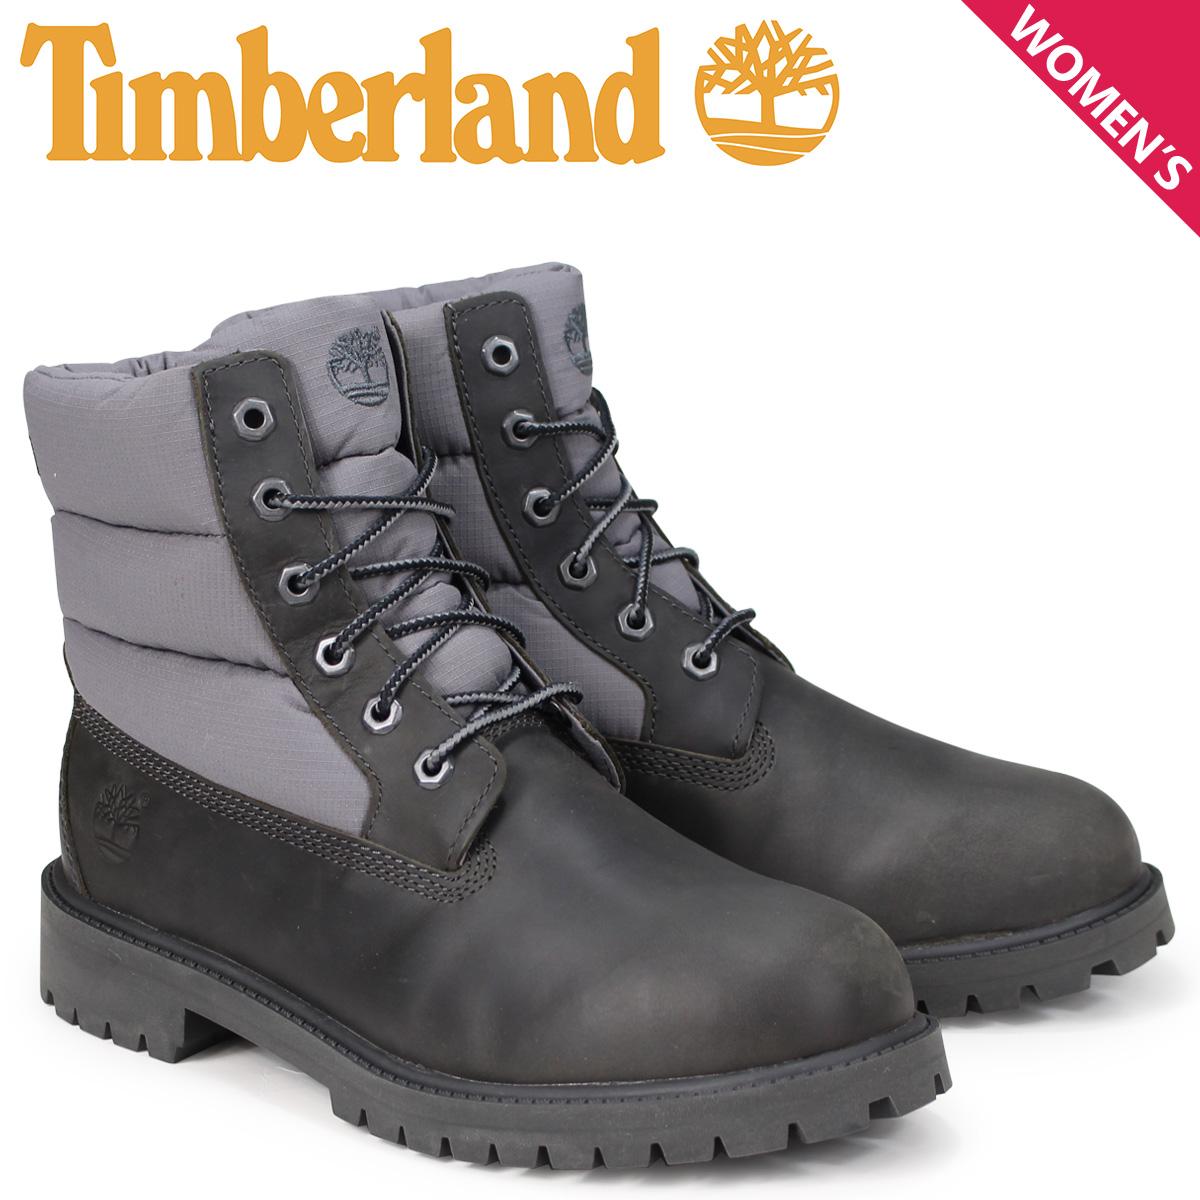 ティンバーランド Timberland ブーツ レディース 6インチ キッズ JUNIOR 6-INCH PREMIUM QUILT BOOTS A1UYX Mワイズ ダークグレー